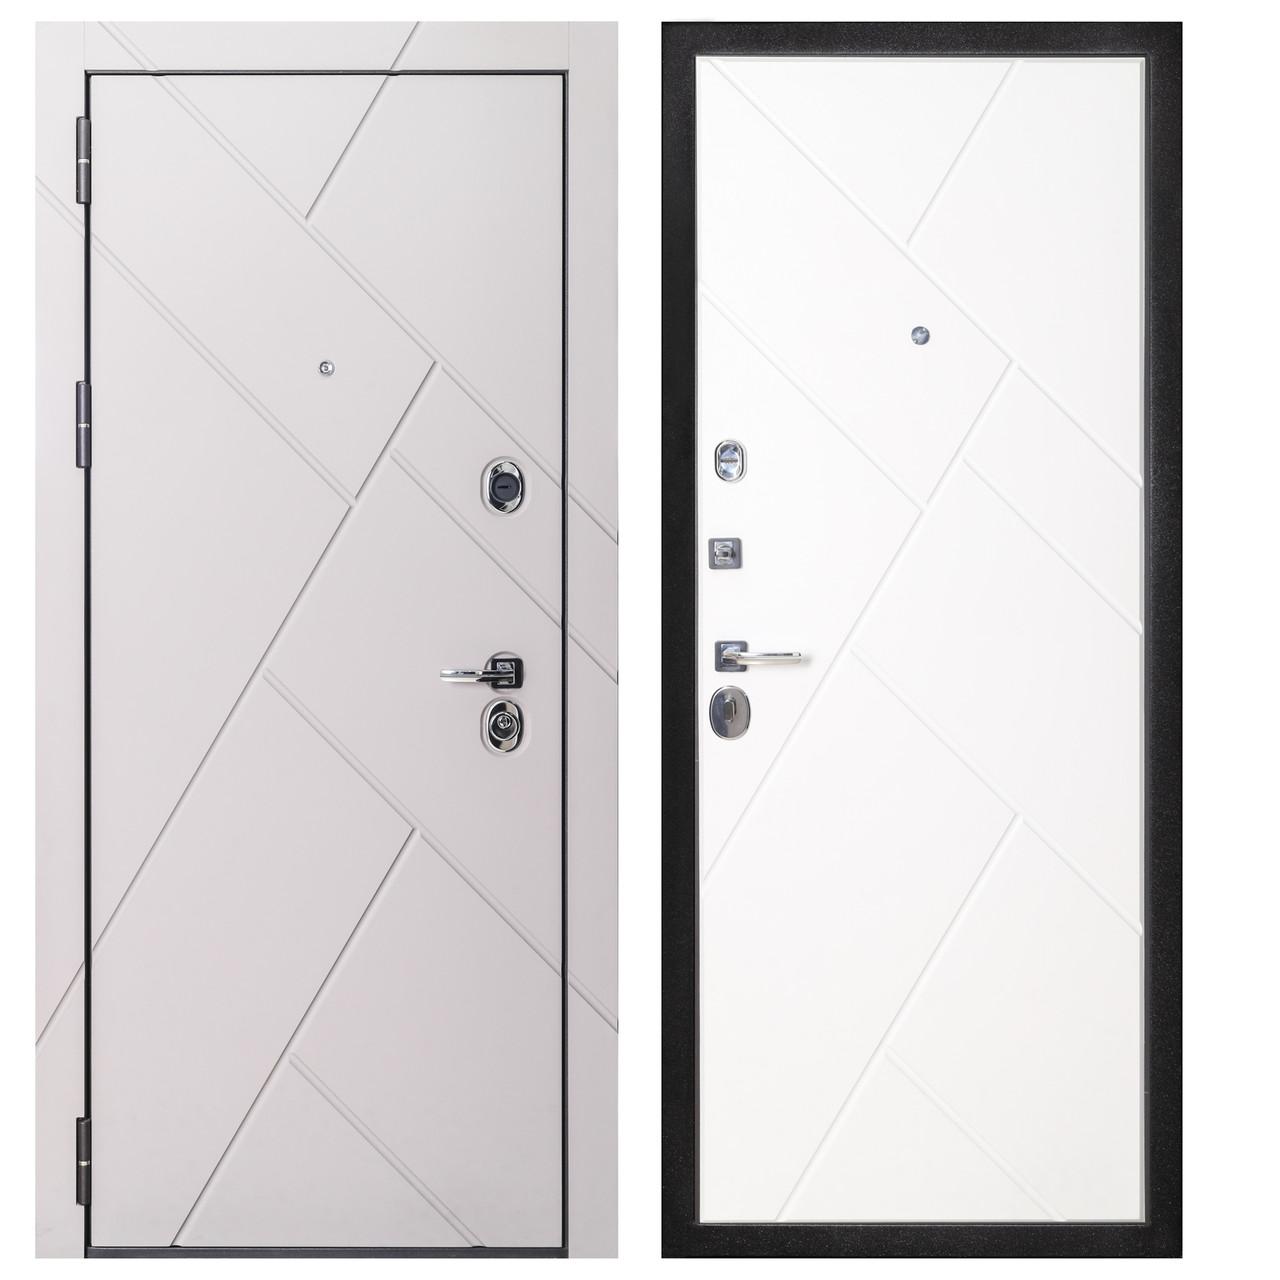 Дверь входная металлическая Flat Stout 17 Муар корич софт смоки/белая - фото 2